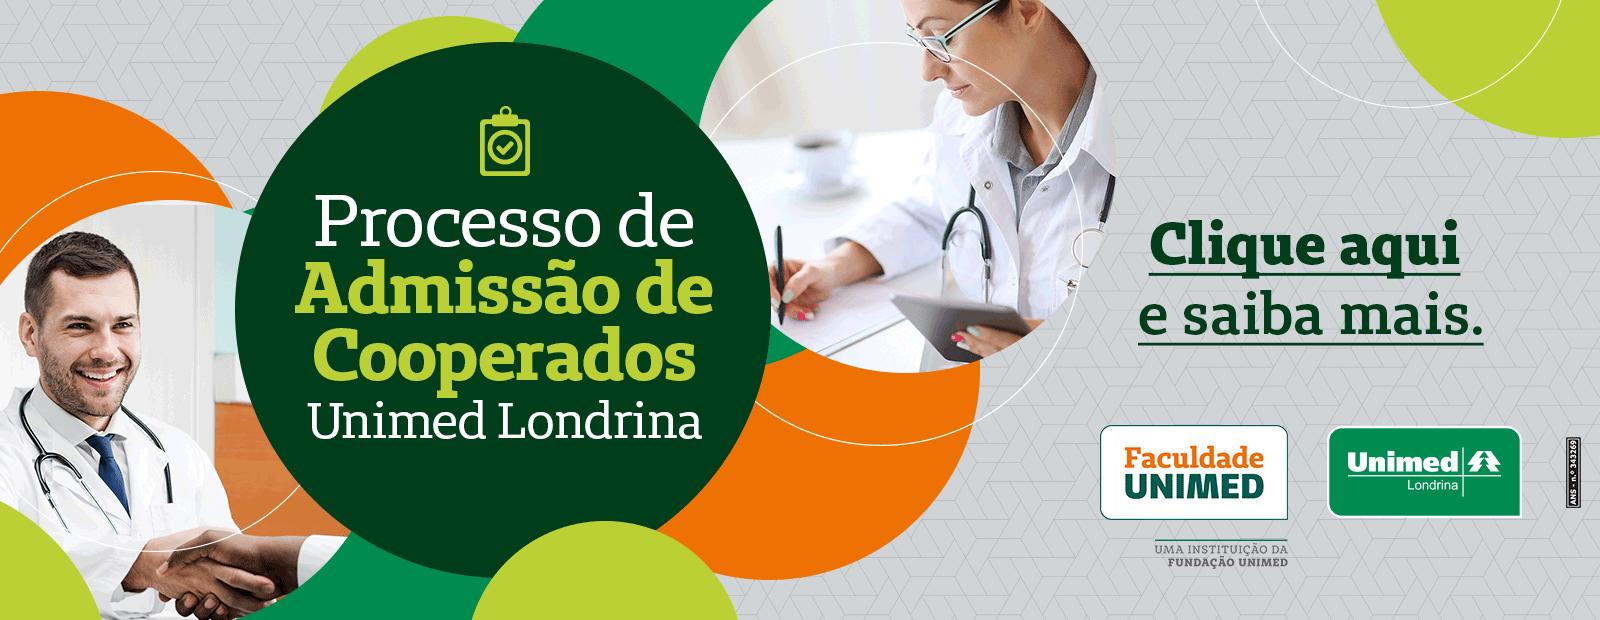 Seleção Pública para Filiação de Novos Médicos Cooperados - Unimed Londrina 2020/2021